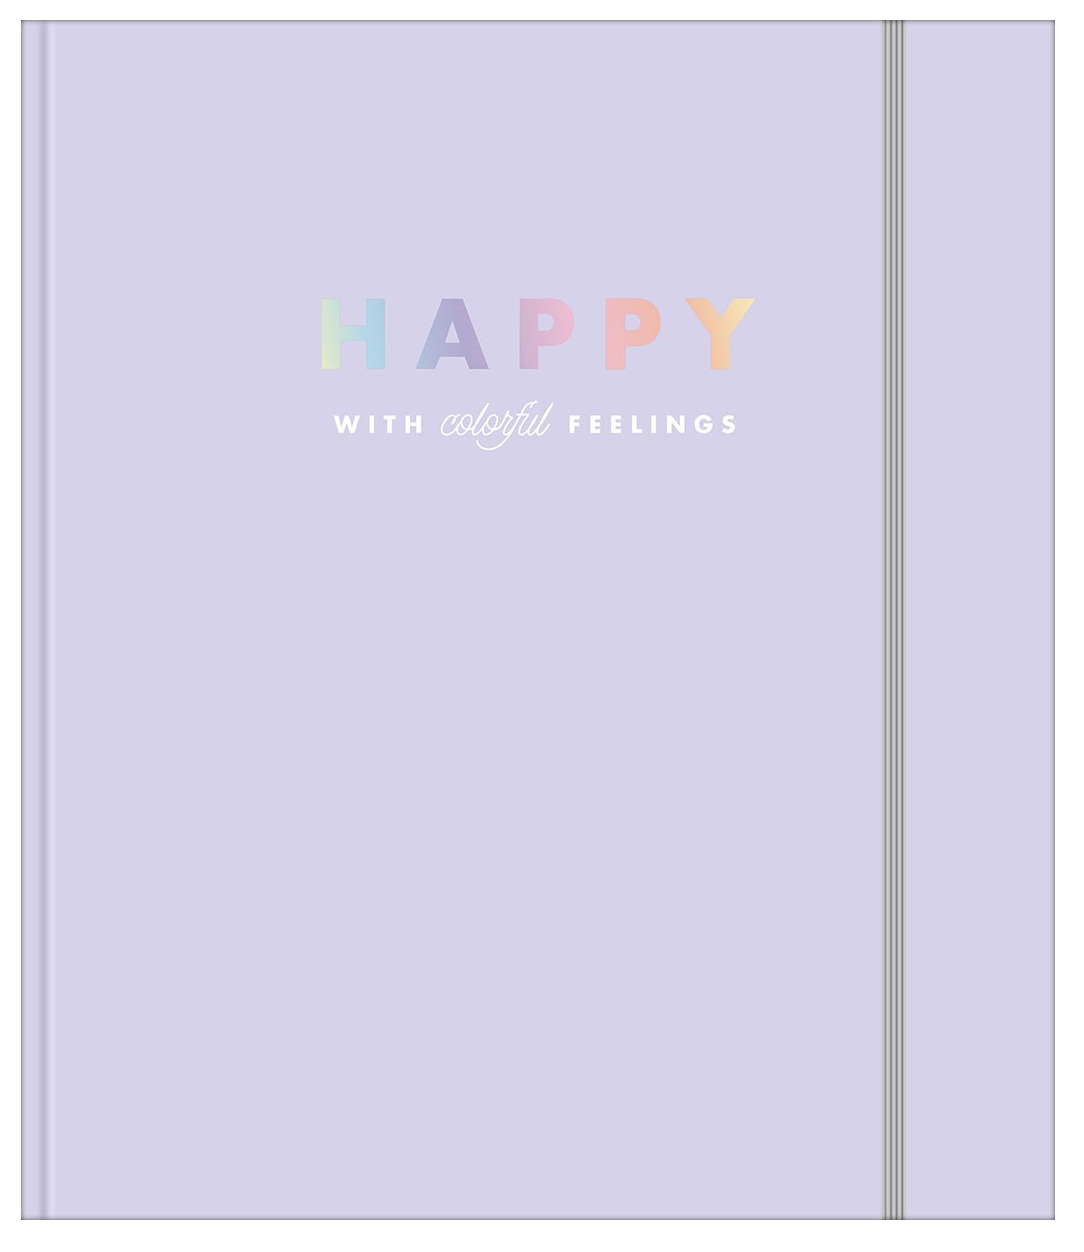 Caderno Argolado Cartonado Colegial com Elástico Happy Lilás - Tilibra